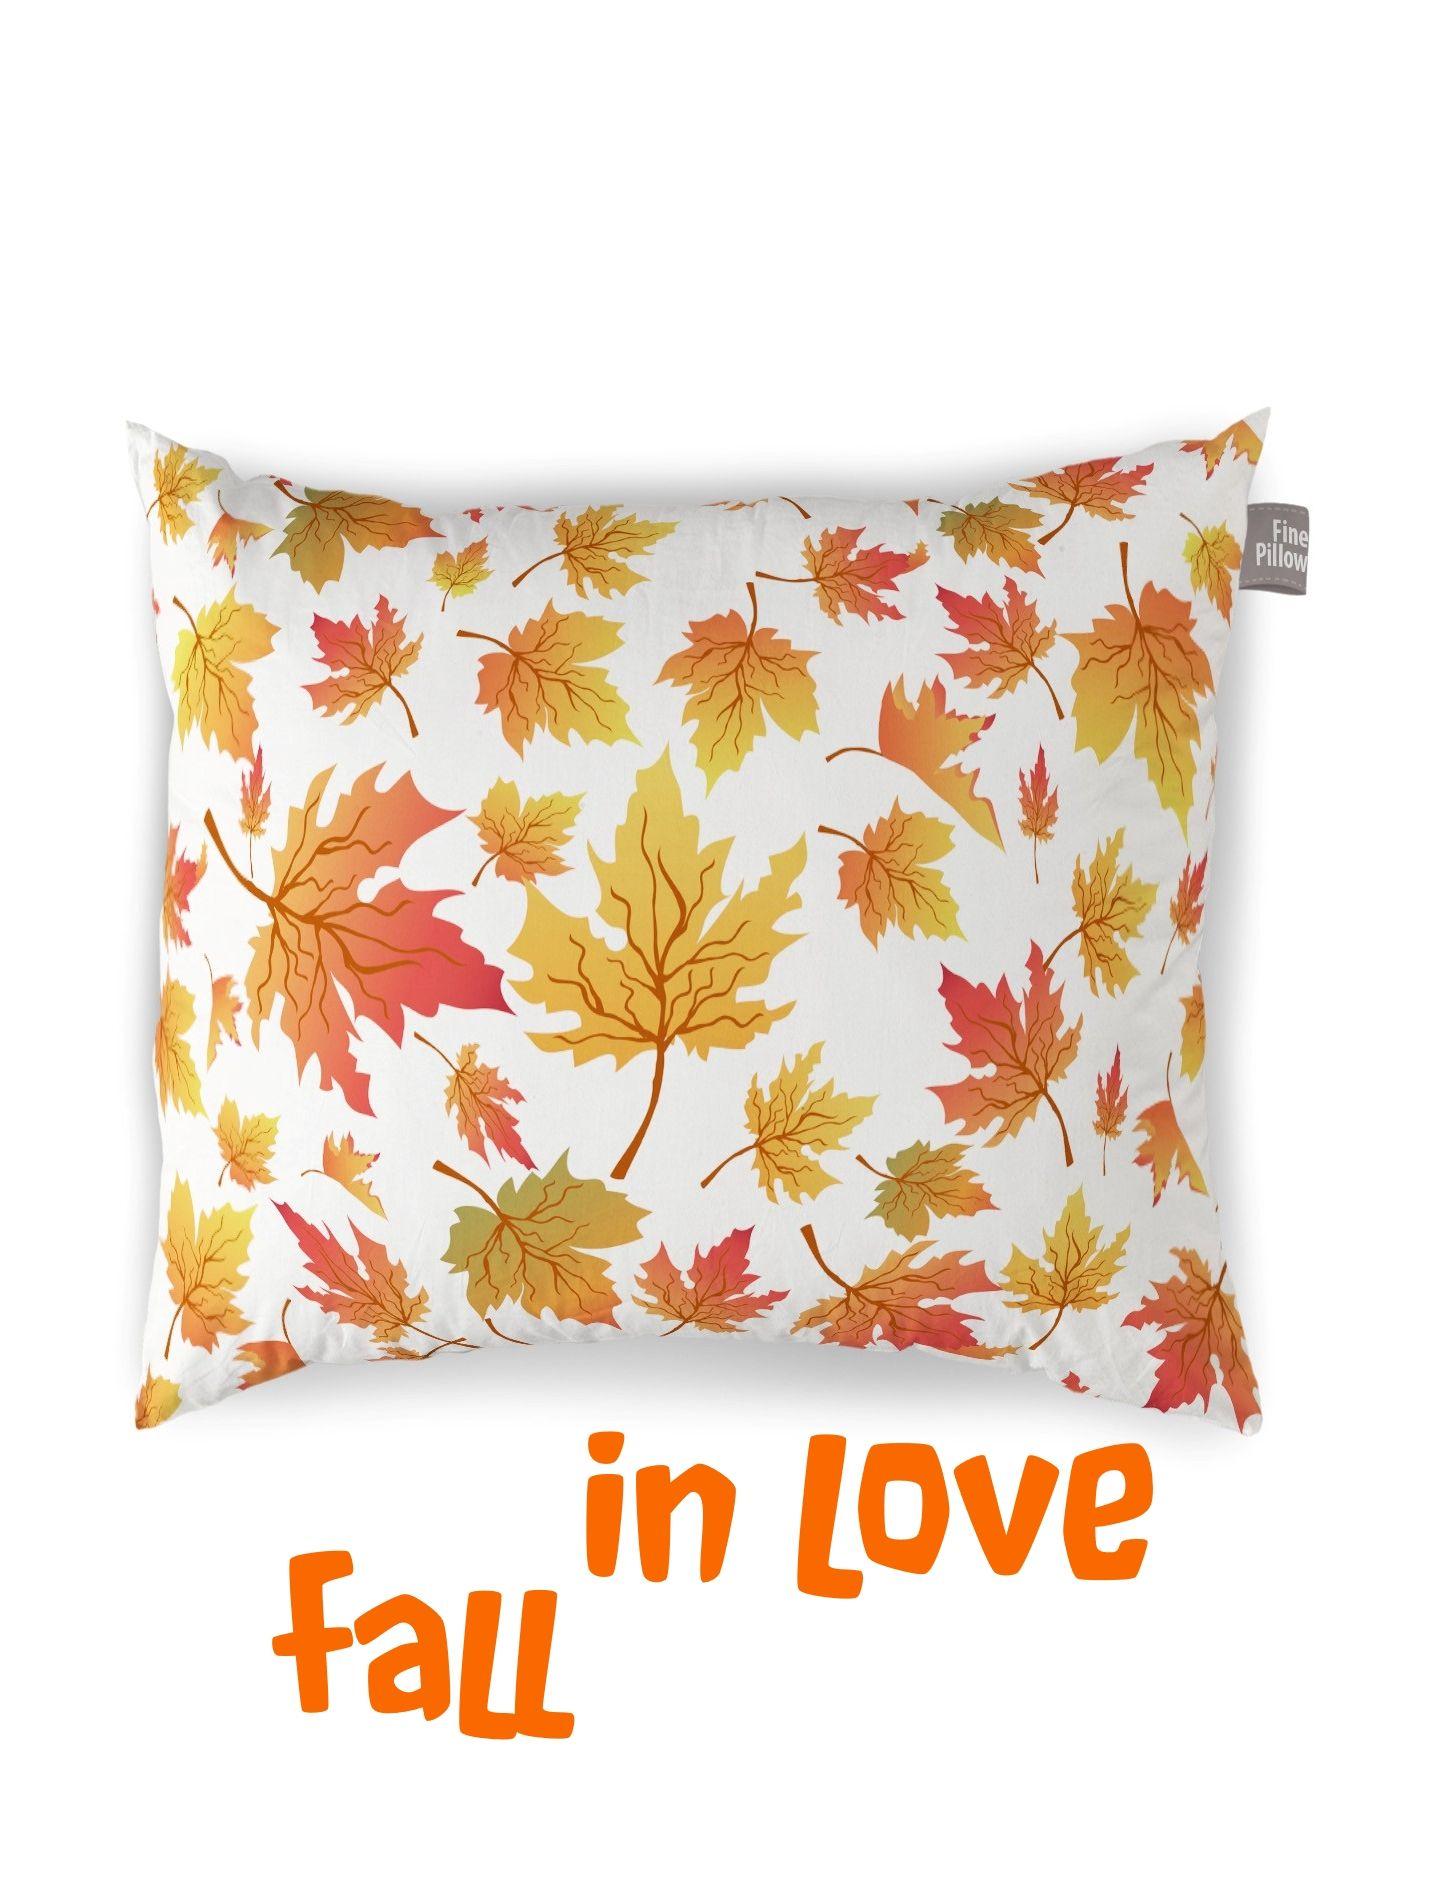 Fall in love. A joyful and sweet fall.